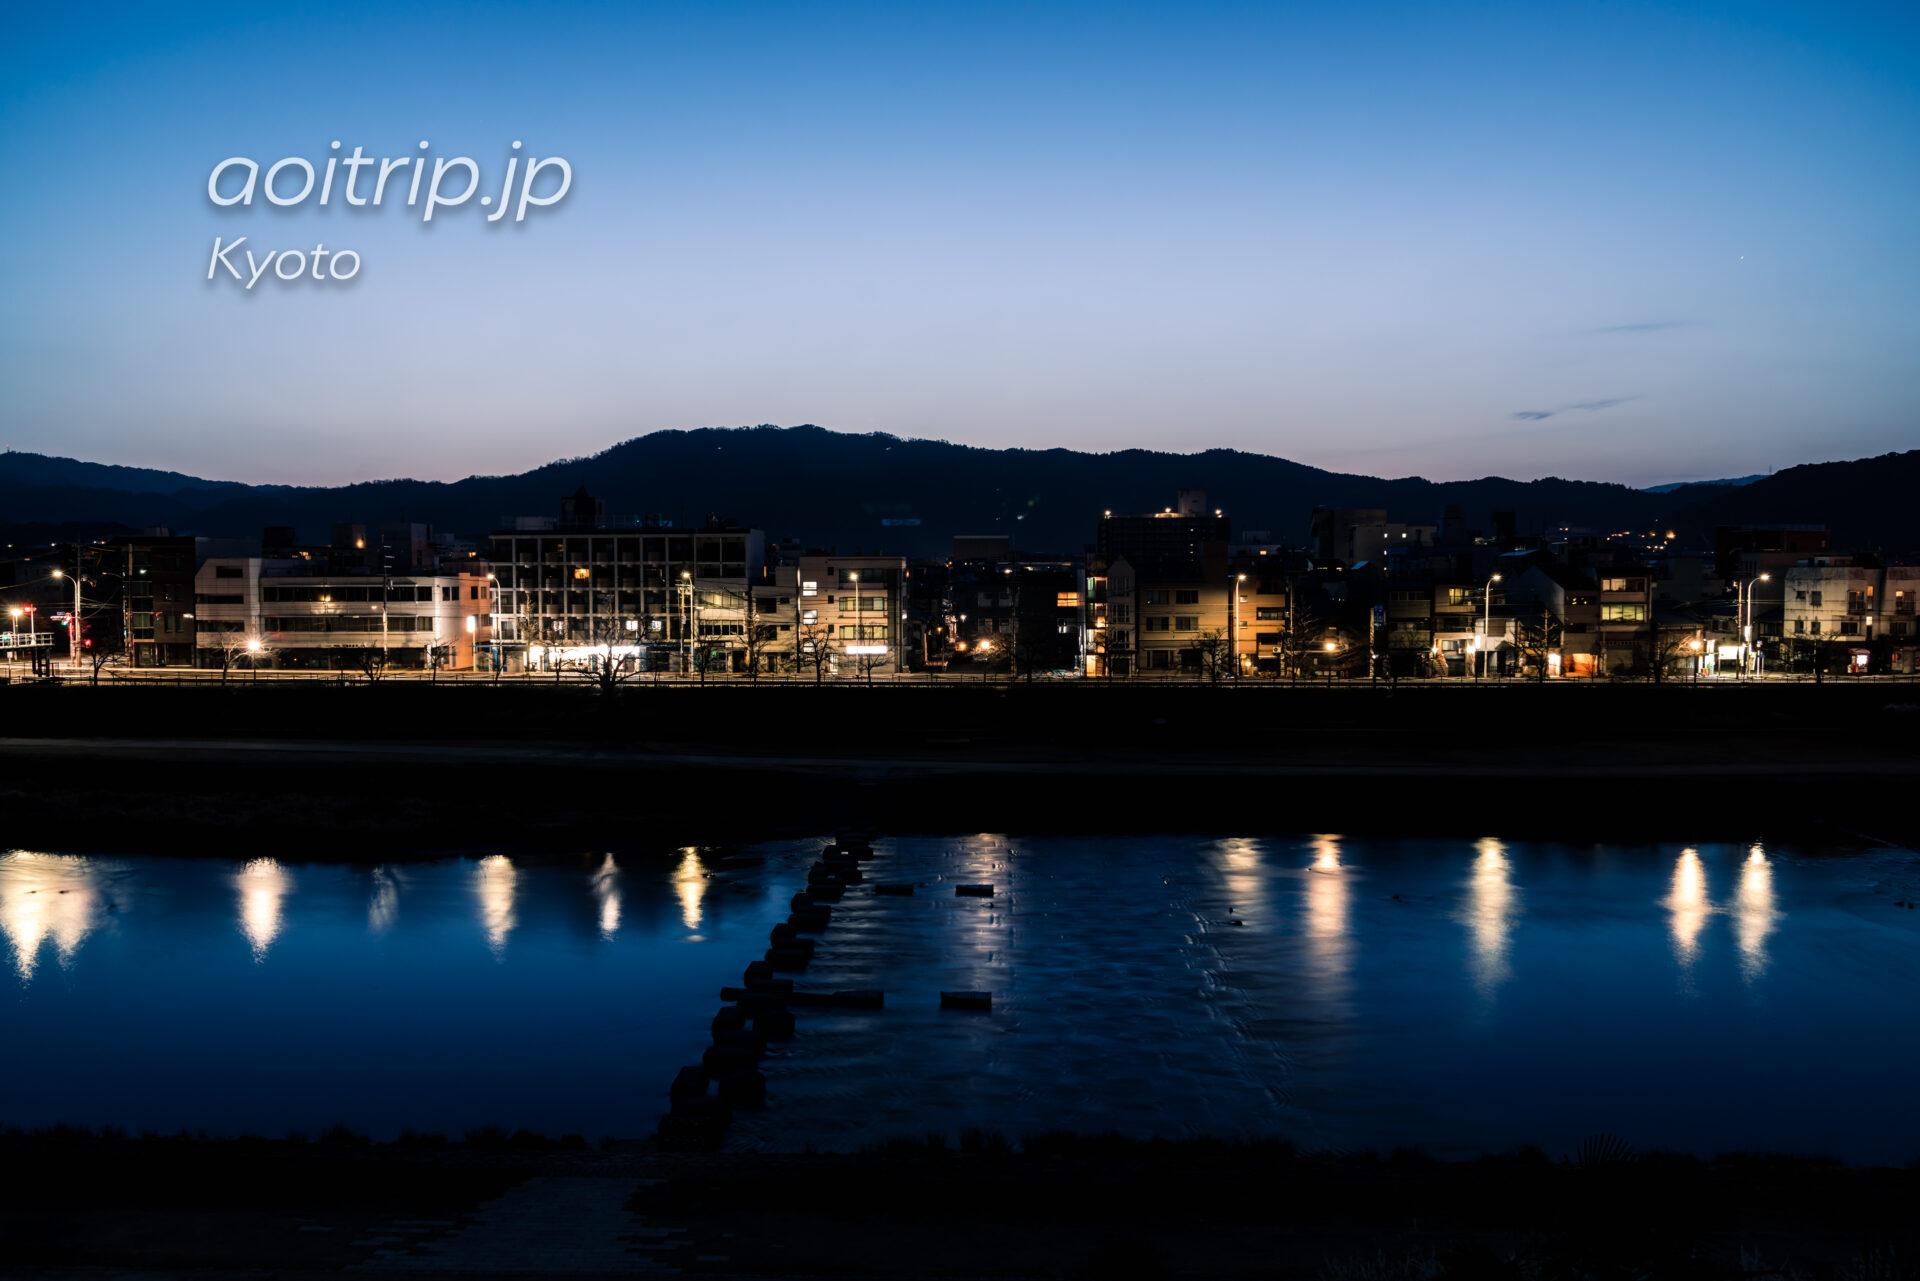 ザ リッツカールトン京都から望む鴨川と東山三十六峰 夜明け前